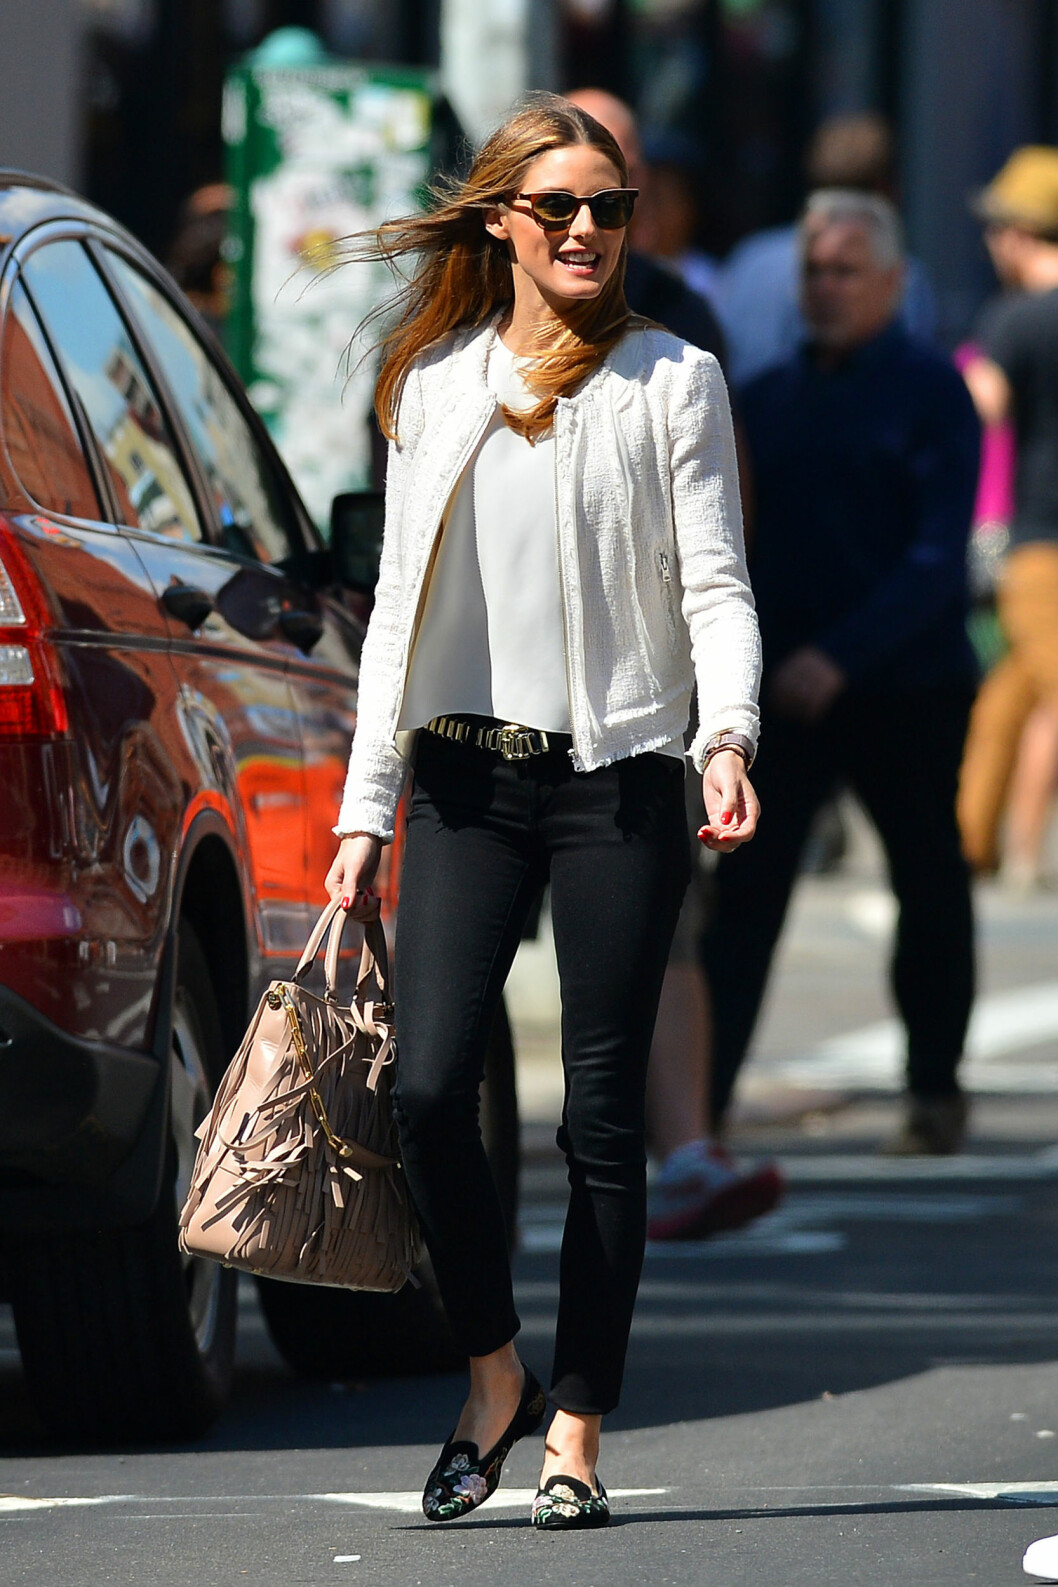 JAKKEN RETTER FOKUS MOT MIDJEN: Stilikon Olivoia Palermo inspirerer oss bestandig - her har hun stylet sorte jeans med en tynn silketopp, et rocka belte og en hvit kort jakke, som gir henne mer midje. De flate skoene, solbrillene og frynsevesken gjør antrekket enda mer spennende. Foto: PacificCoastNews/All Over Press